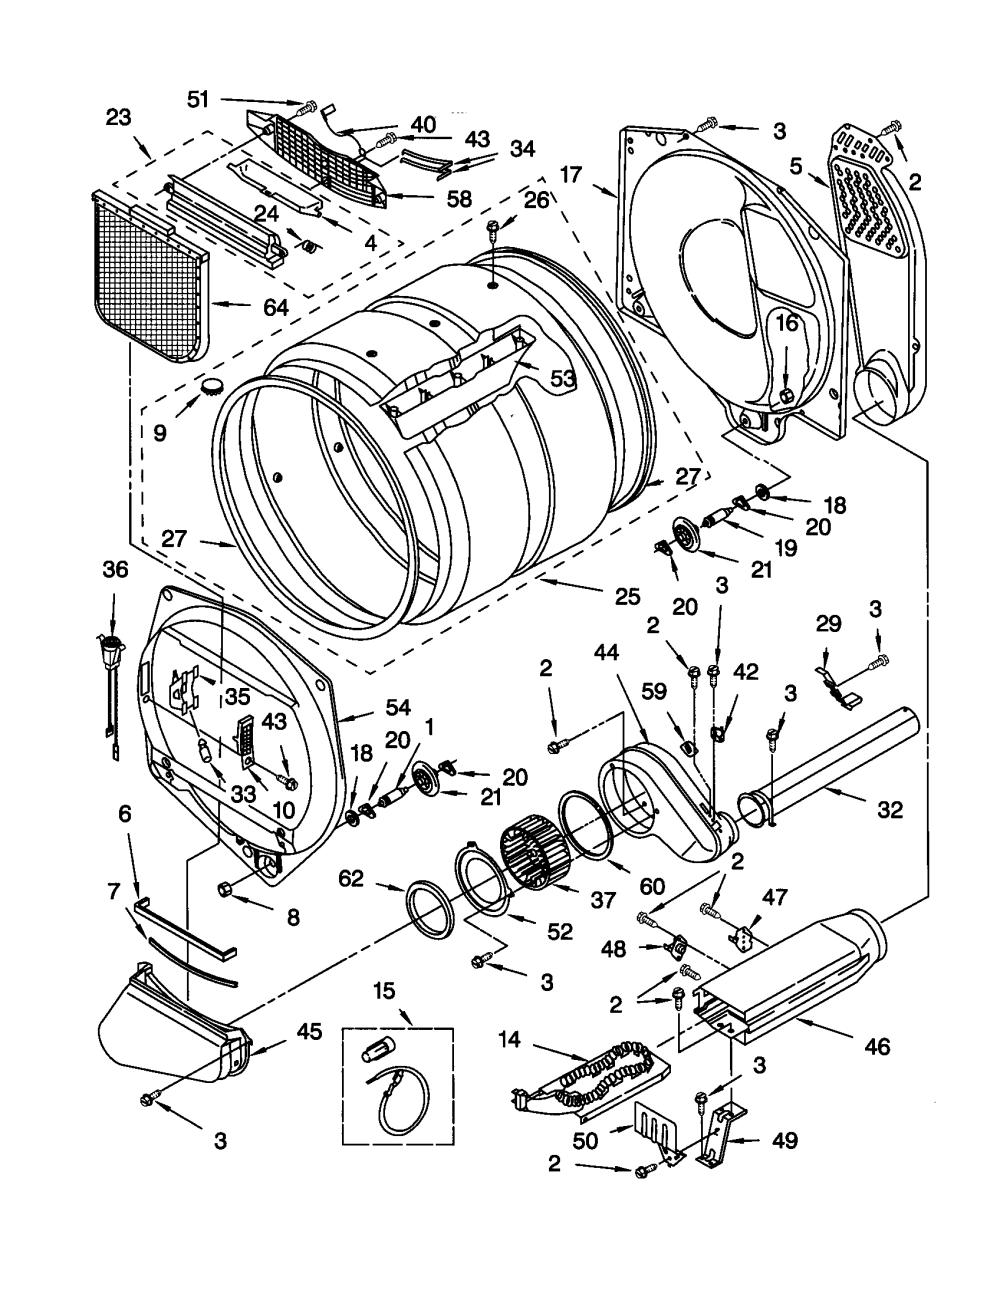 medium resolution of kenmore 70 series dryer wiring diagram simple wiring schema rh 45 aspire atlantis de kenmore elite dryer wire diagram kenmore elite dryer wire diagram